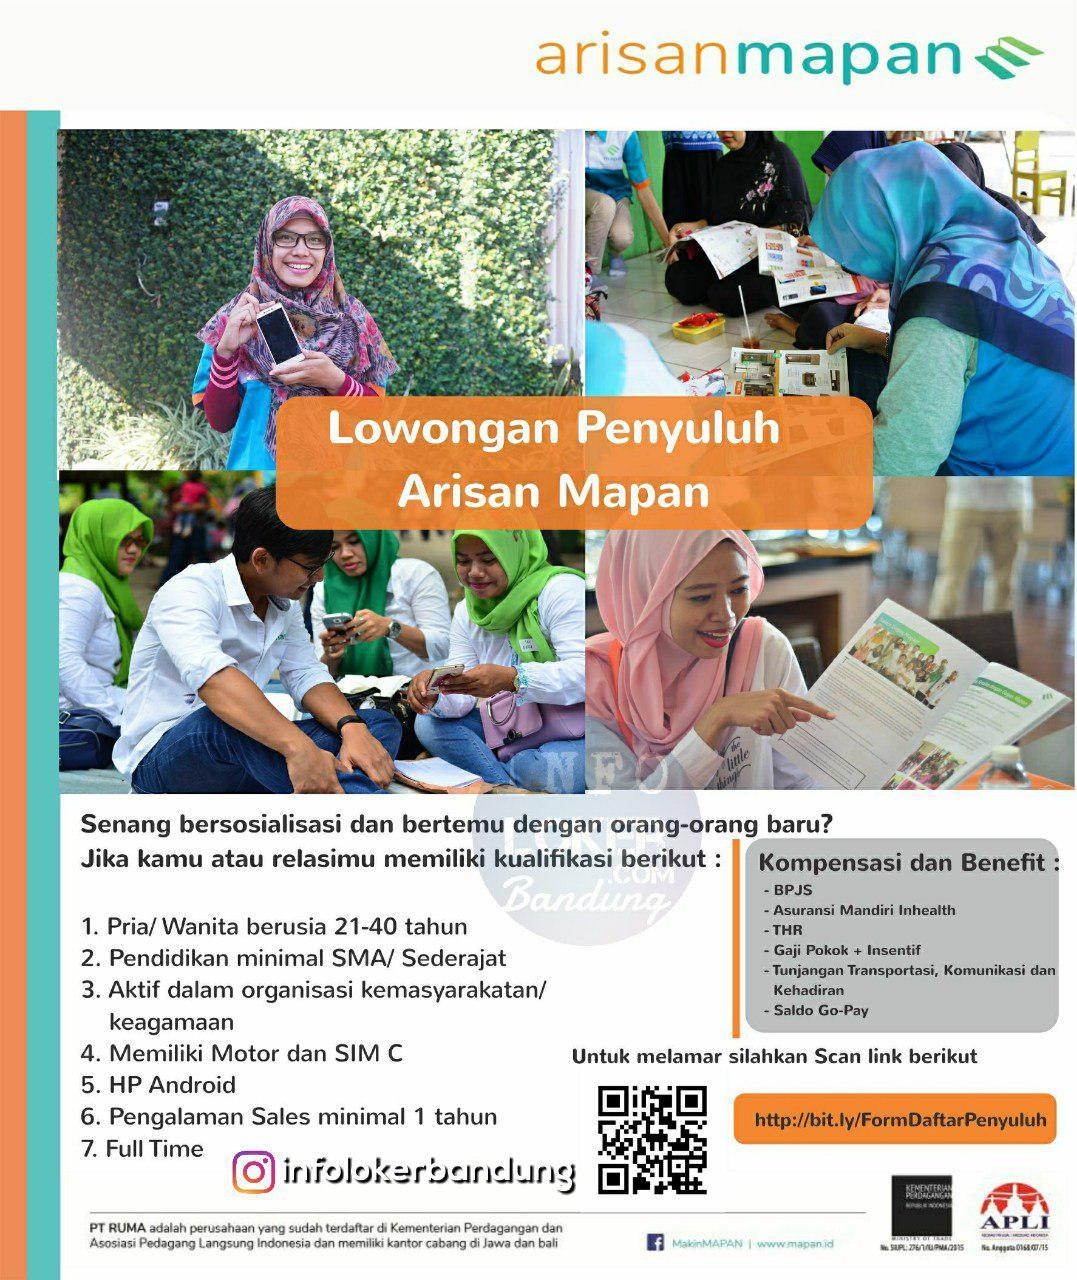 Lowongan Kerja PT. RUMA ( Rekan Usaha Mikro Anda ) Bandung November 2018